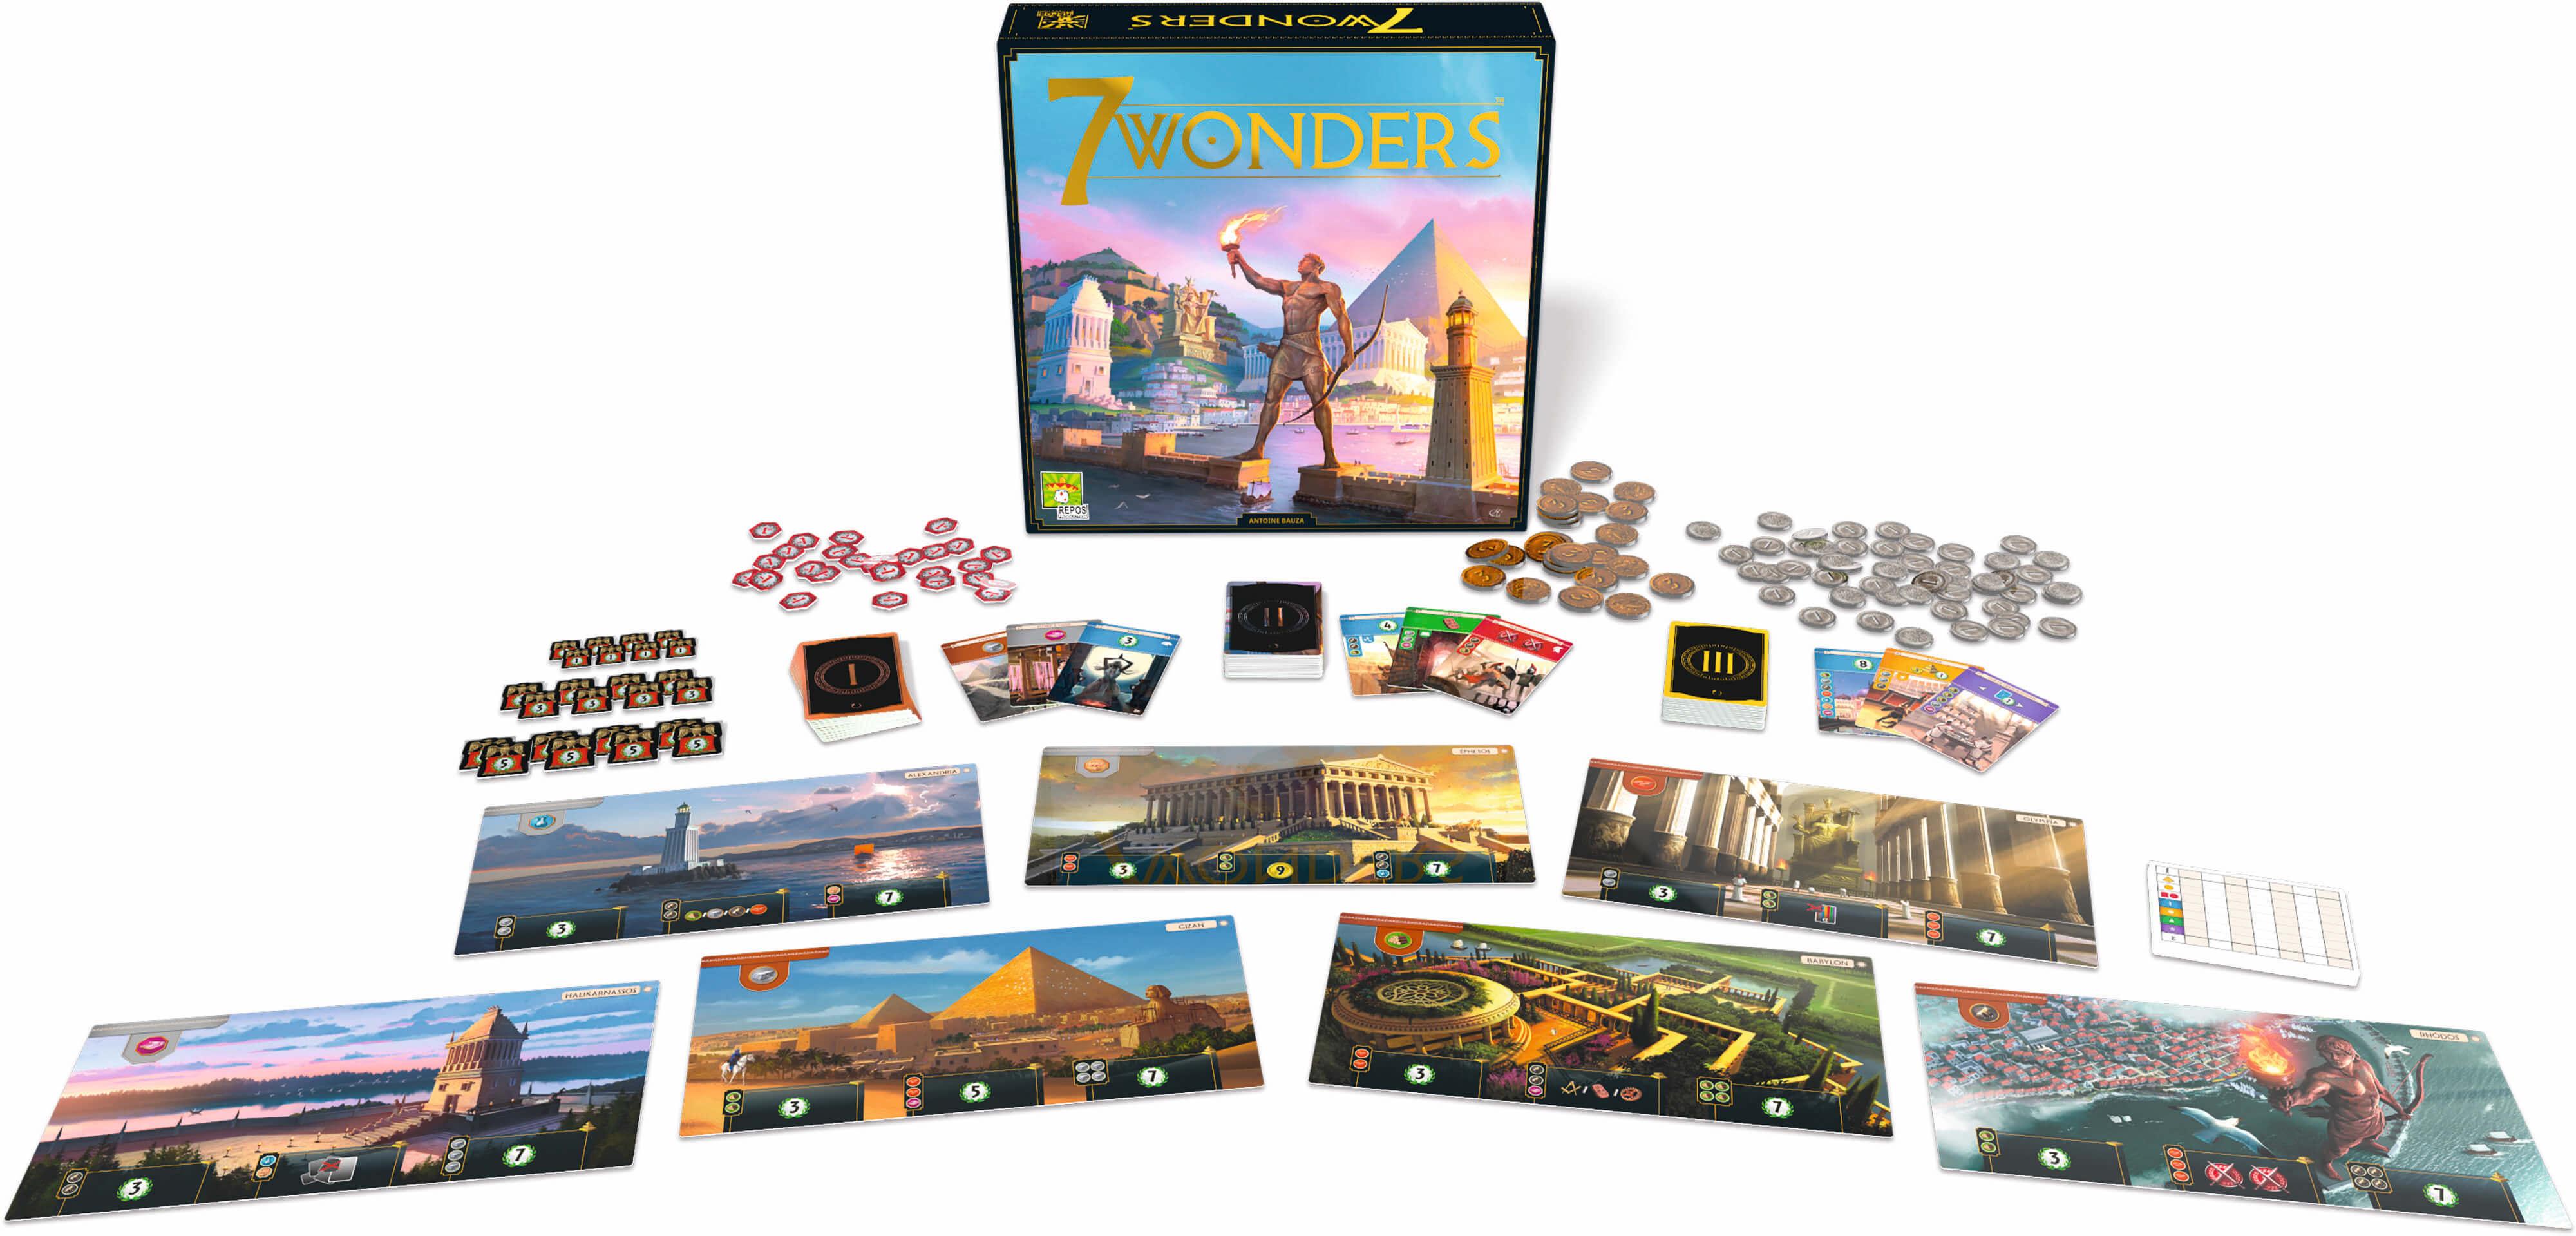 Spielmaterial und Schachtel- 7 Wonders